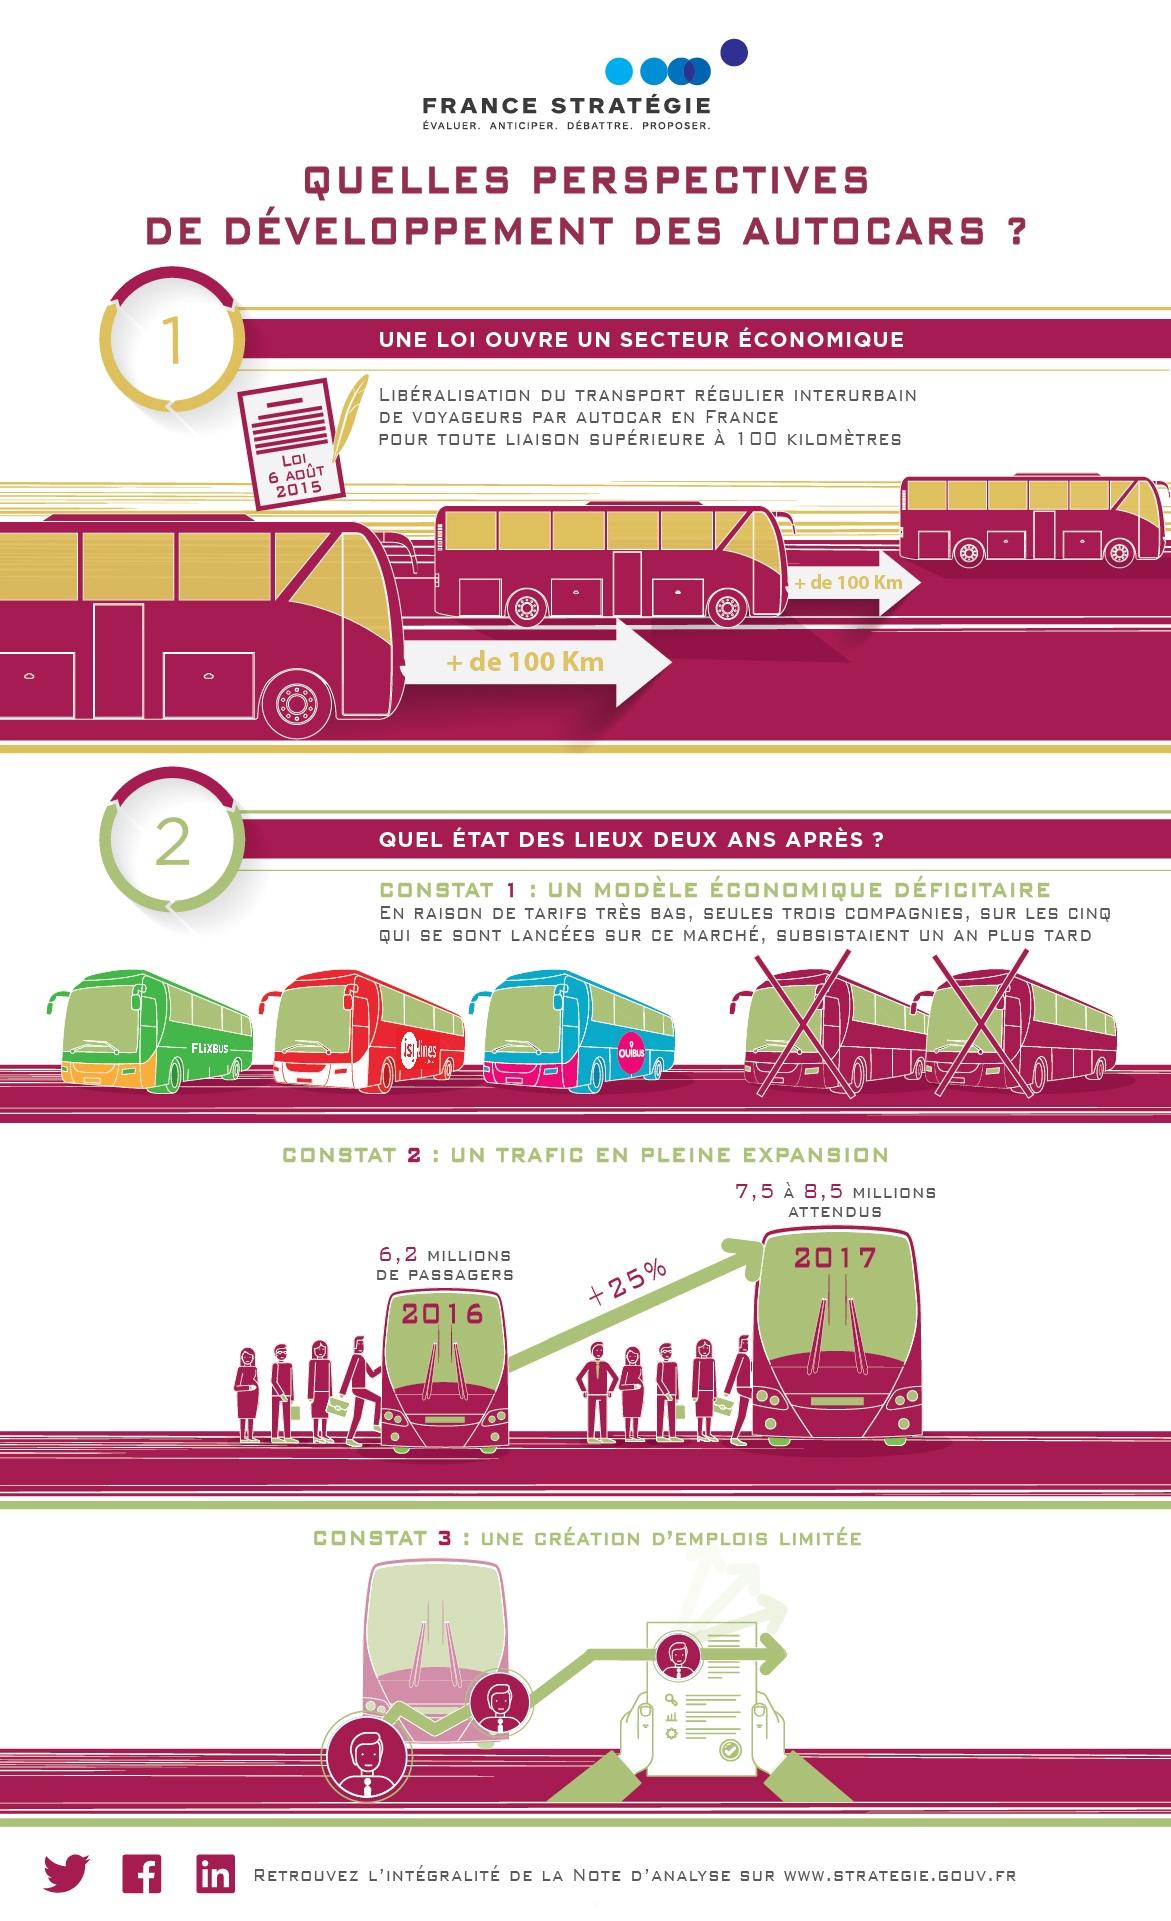 Perspectives de développement des autocars